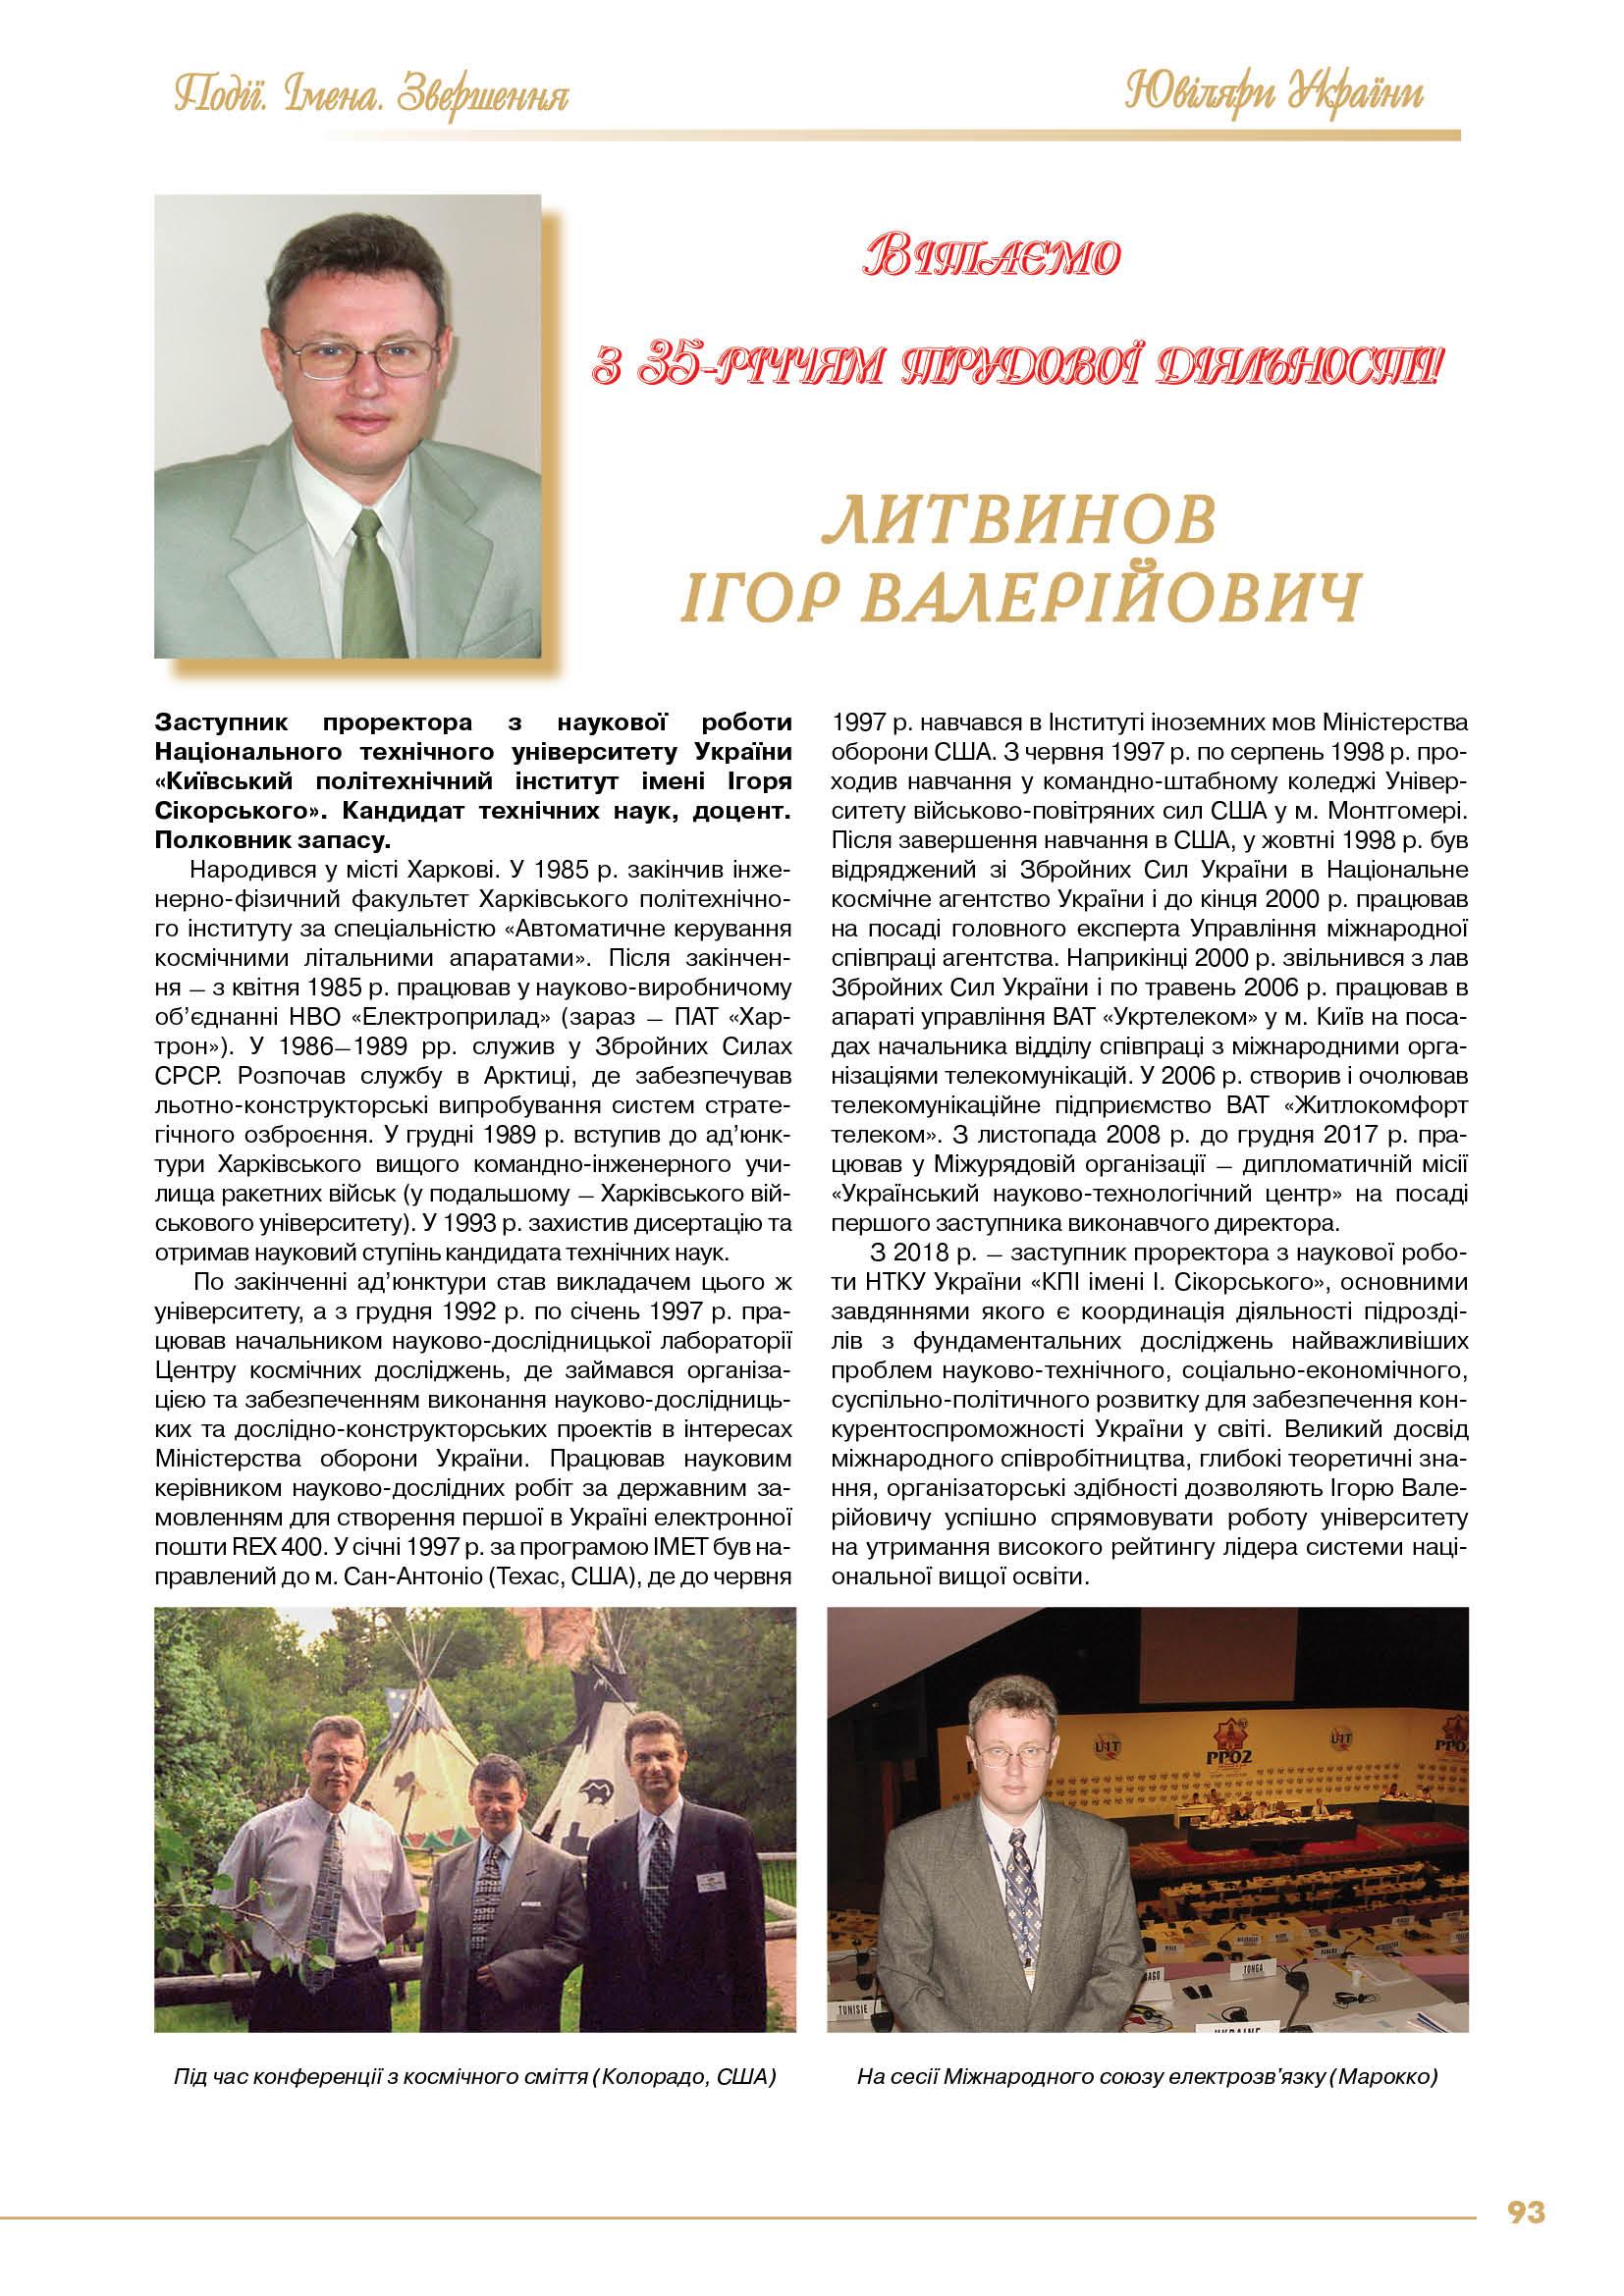 Литвинов Ігор Валерійович